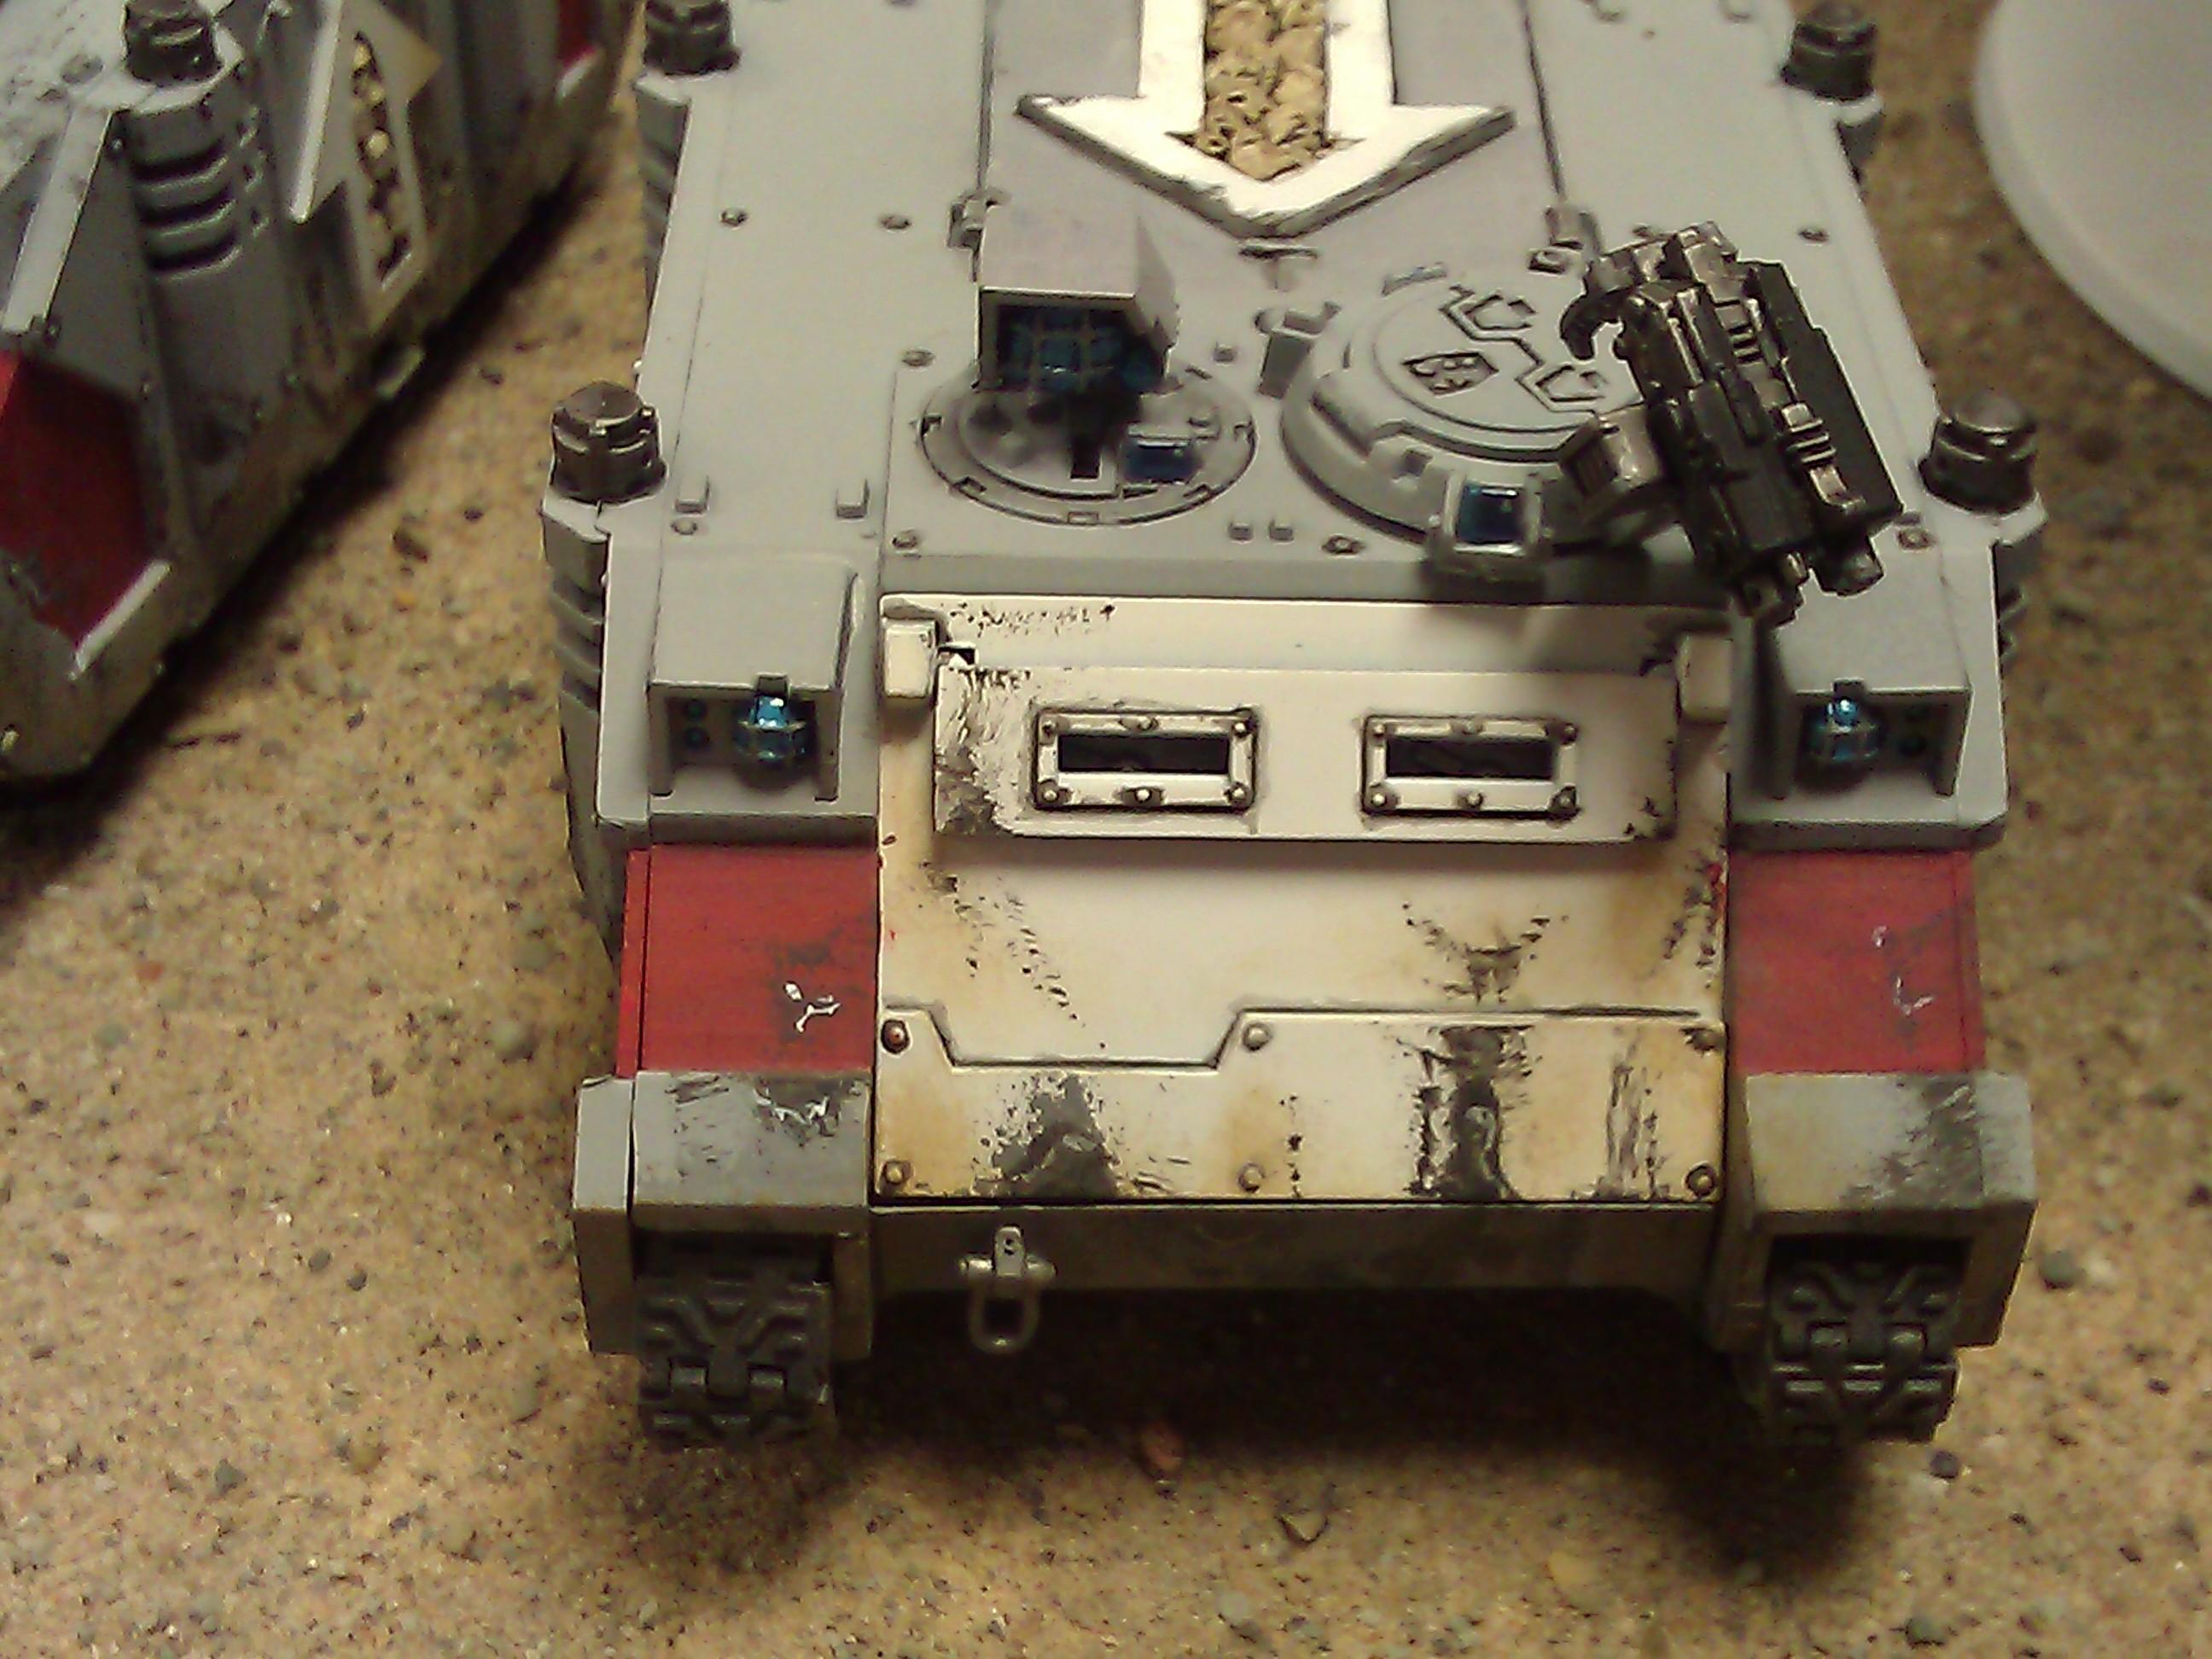 Rhino, Space Marines, Warhammer 40,000